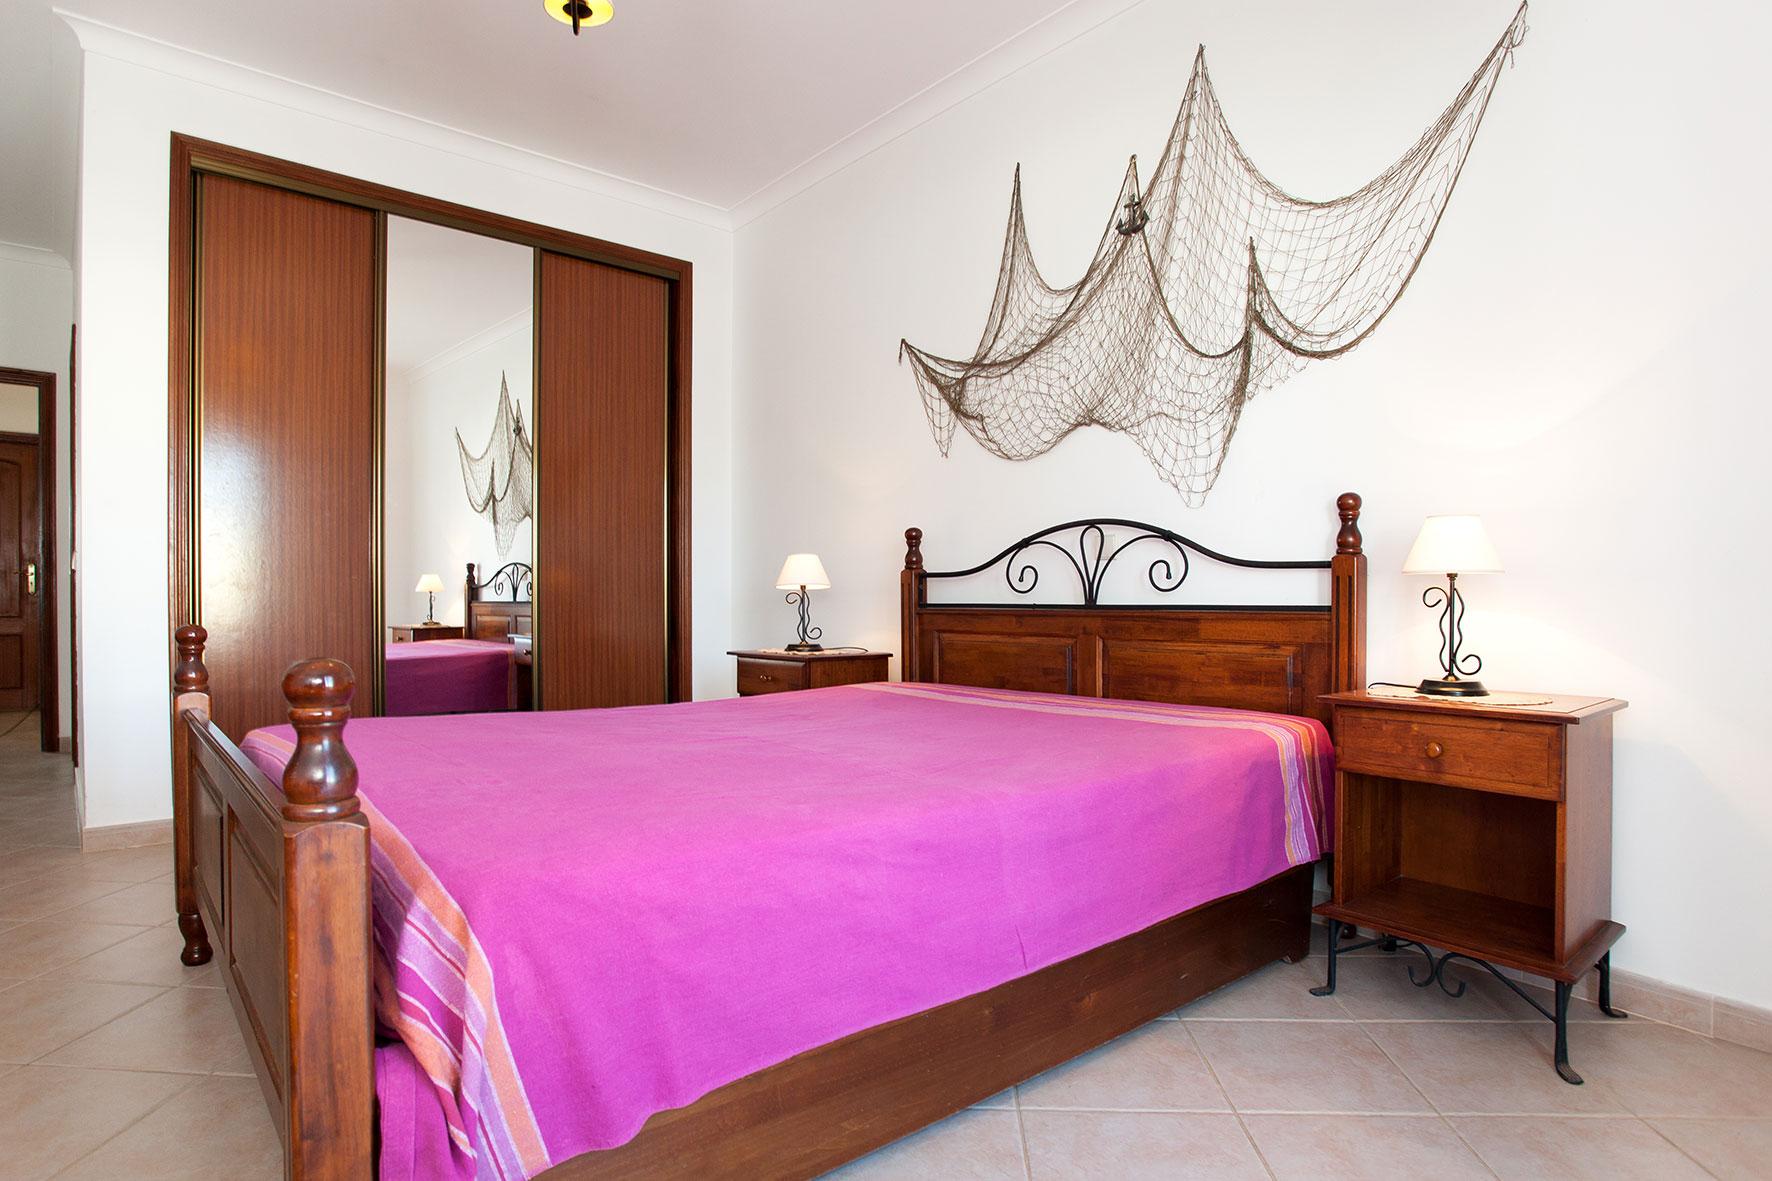 Holiday apartments and villas for rent, Apartamento T2 em Condomínio Com Piscina na Praia da Galé em Albufeira in Albufeira, Portugal Algarve, REF_IMG_6121_12078